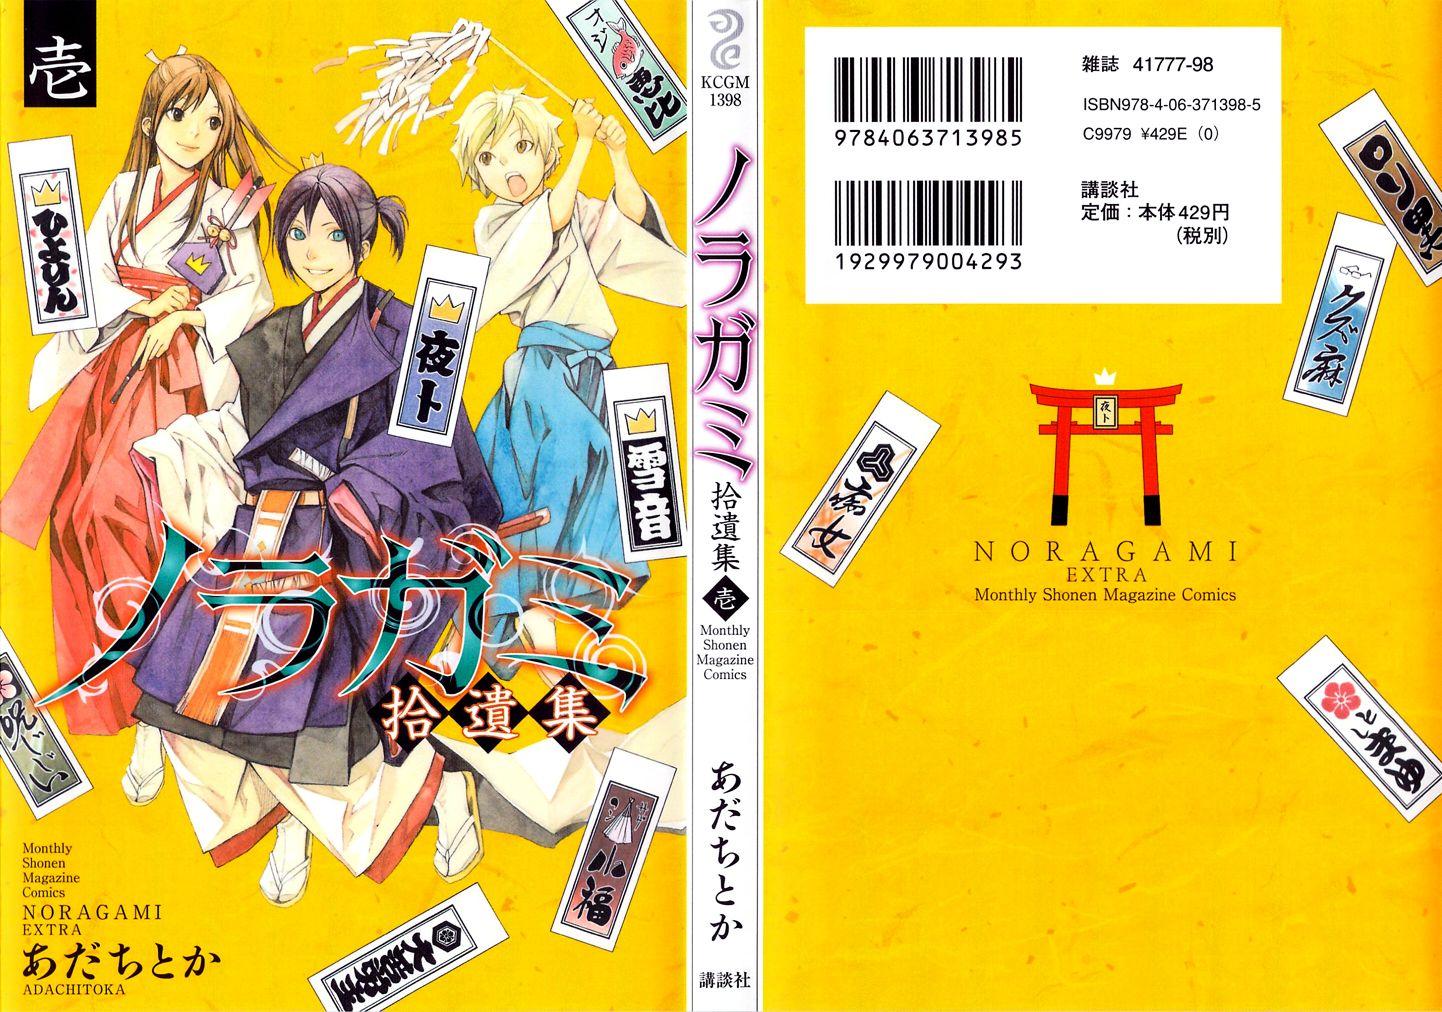 Noragami Shuuishuu manga cover